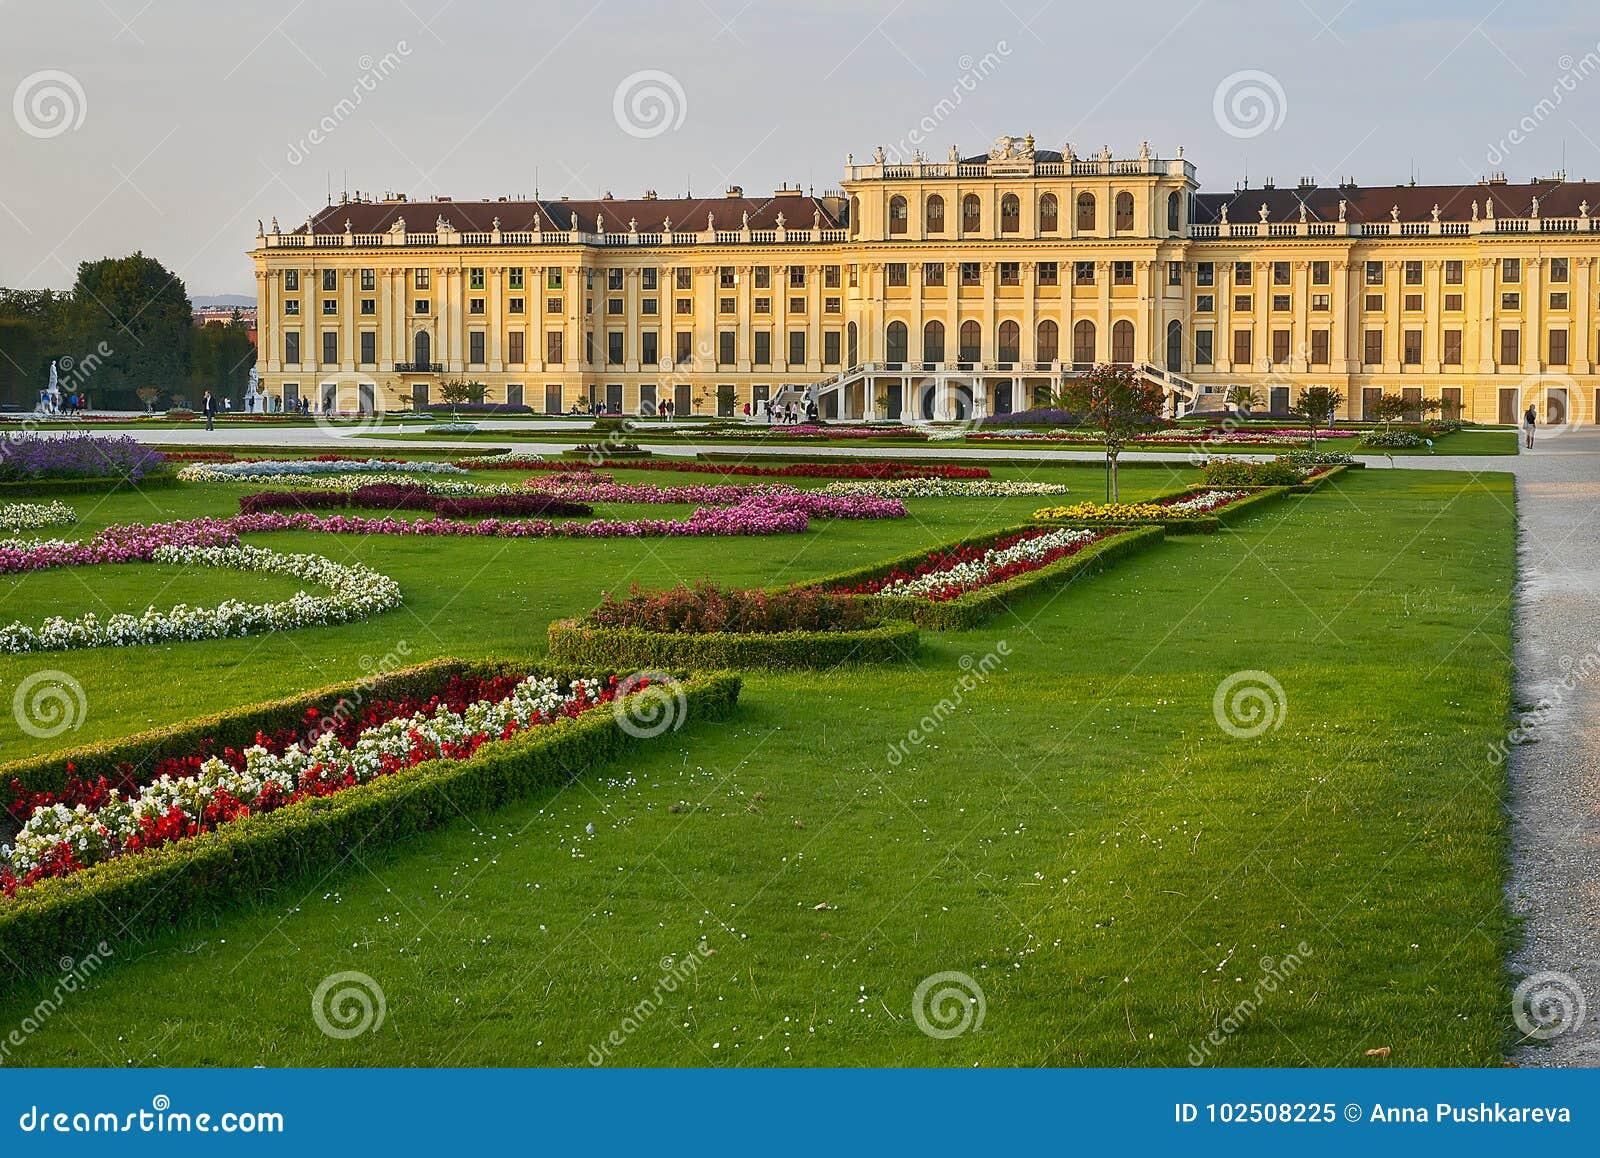 Viena, Austria - 25 de septiembre de 2013: Palacio y jardines de Schonbrunn La residencia imperial anterior del verano El palacio